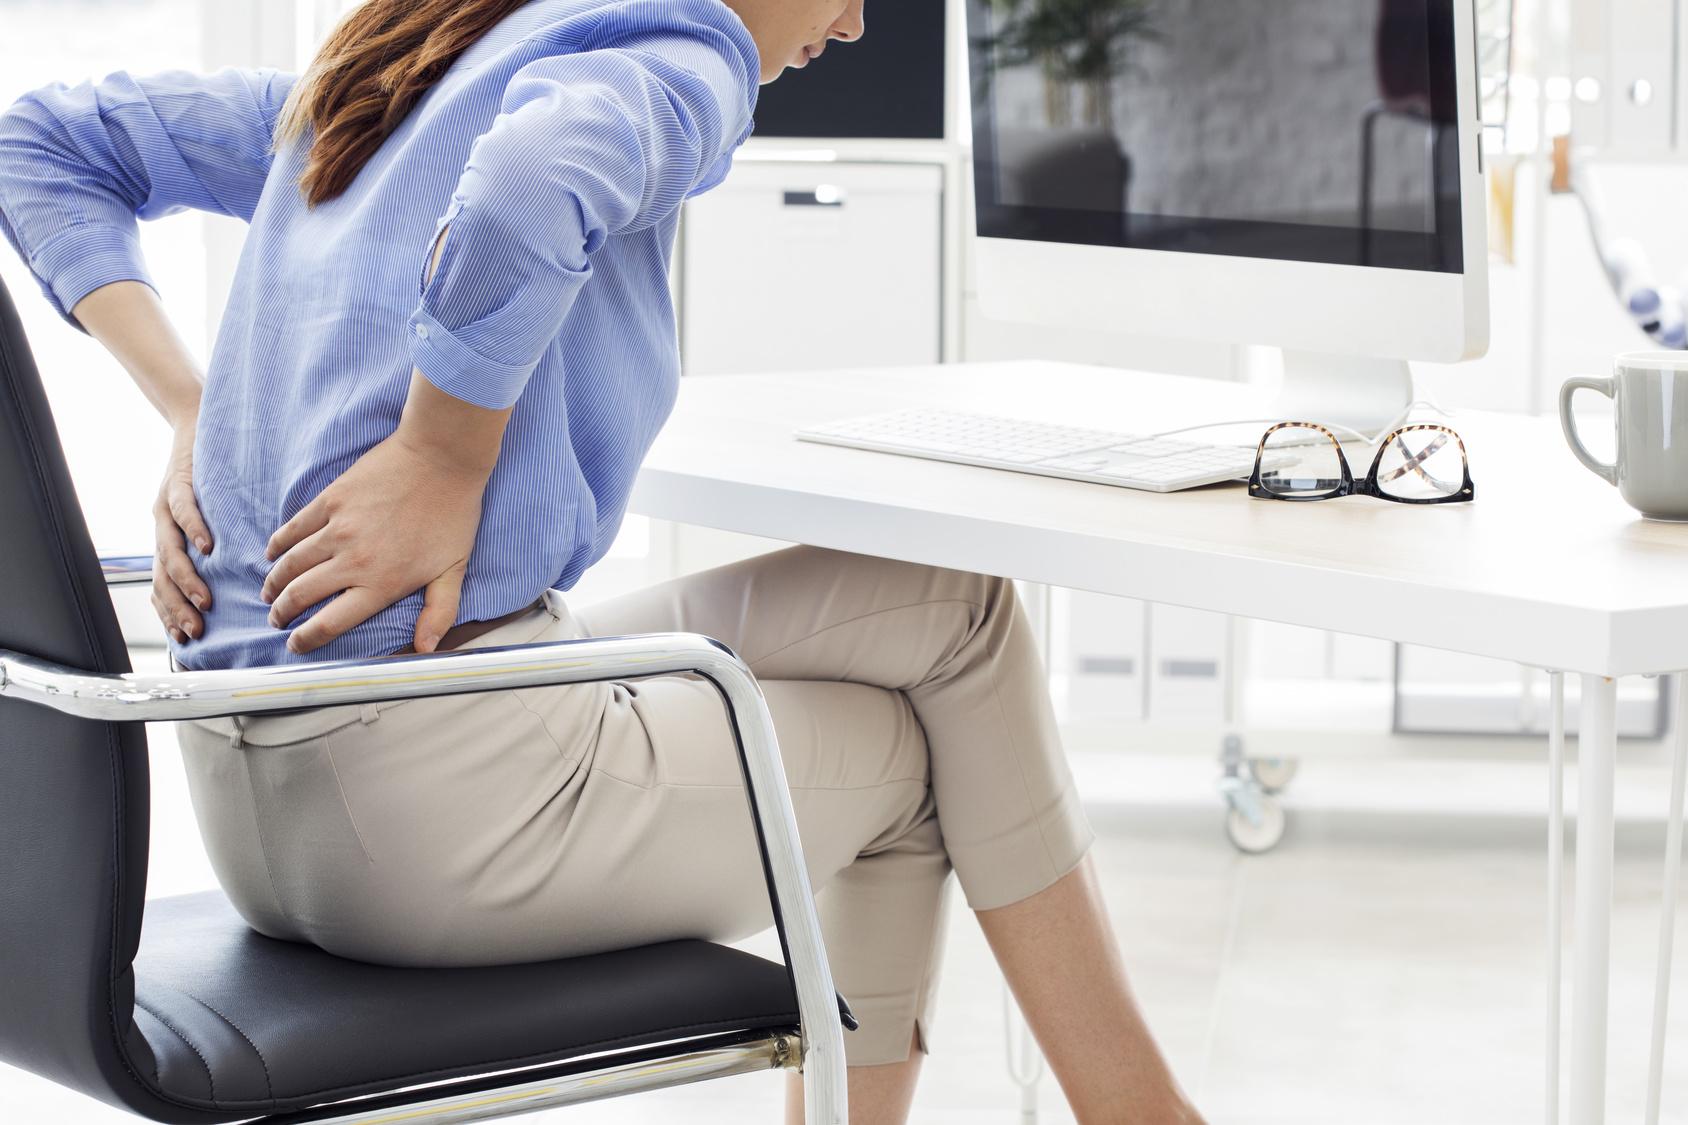 Gesundheitsförderung notwendig für Behebung vn Stresssymptomen